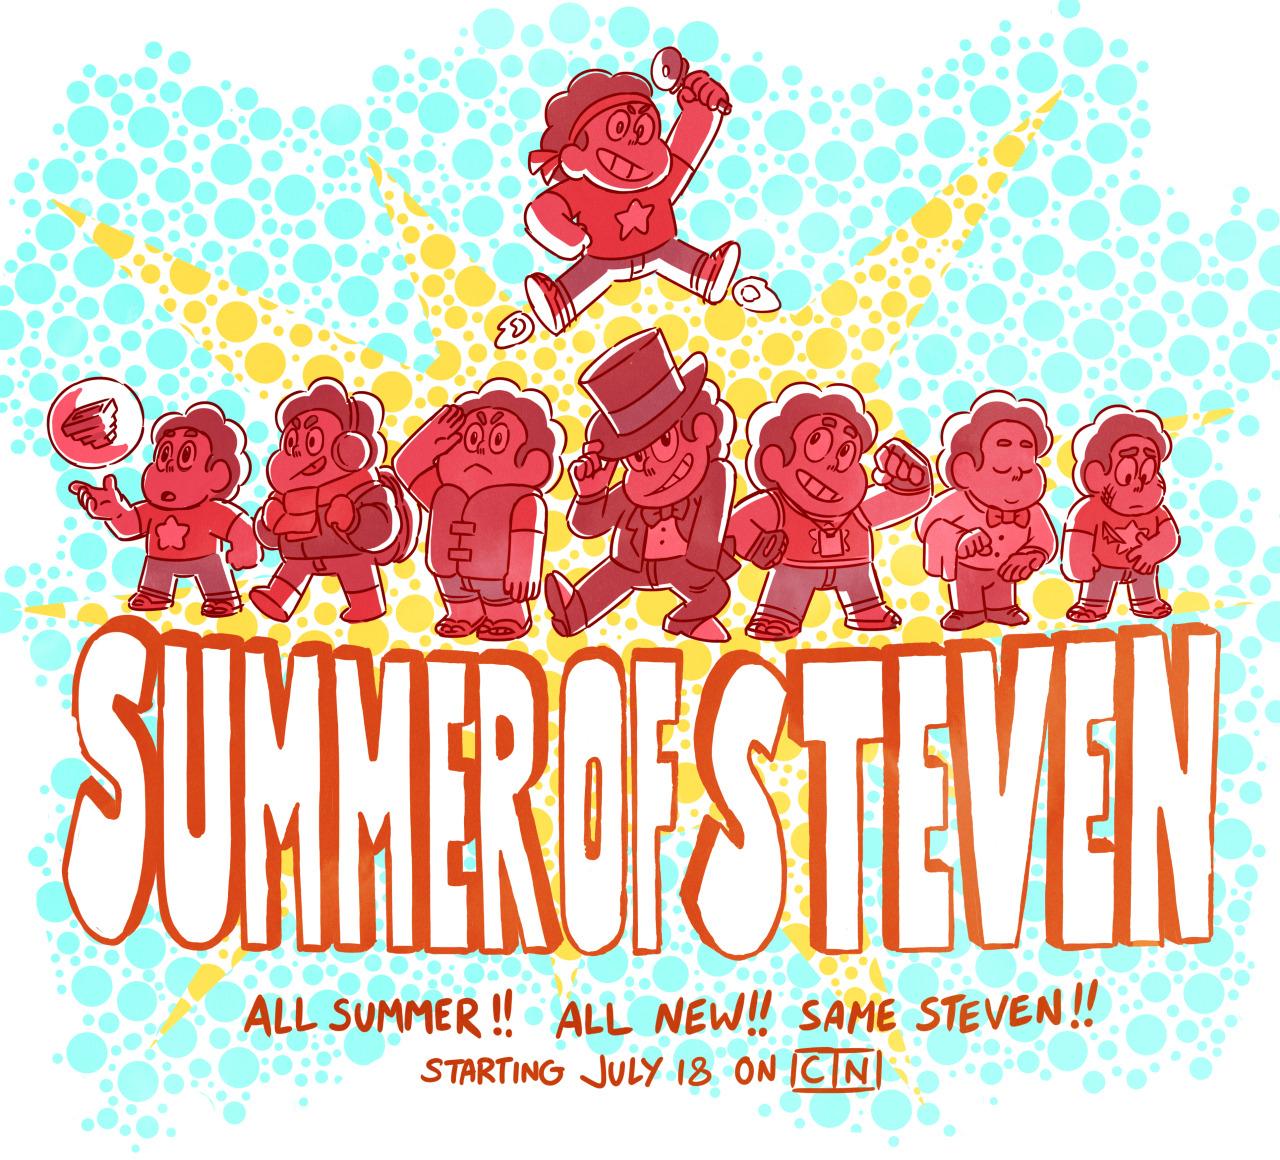 summer of steven